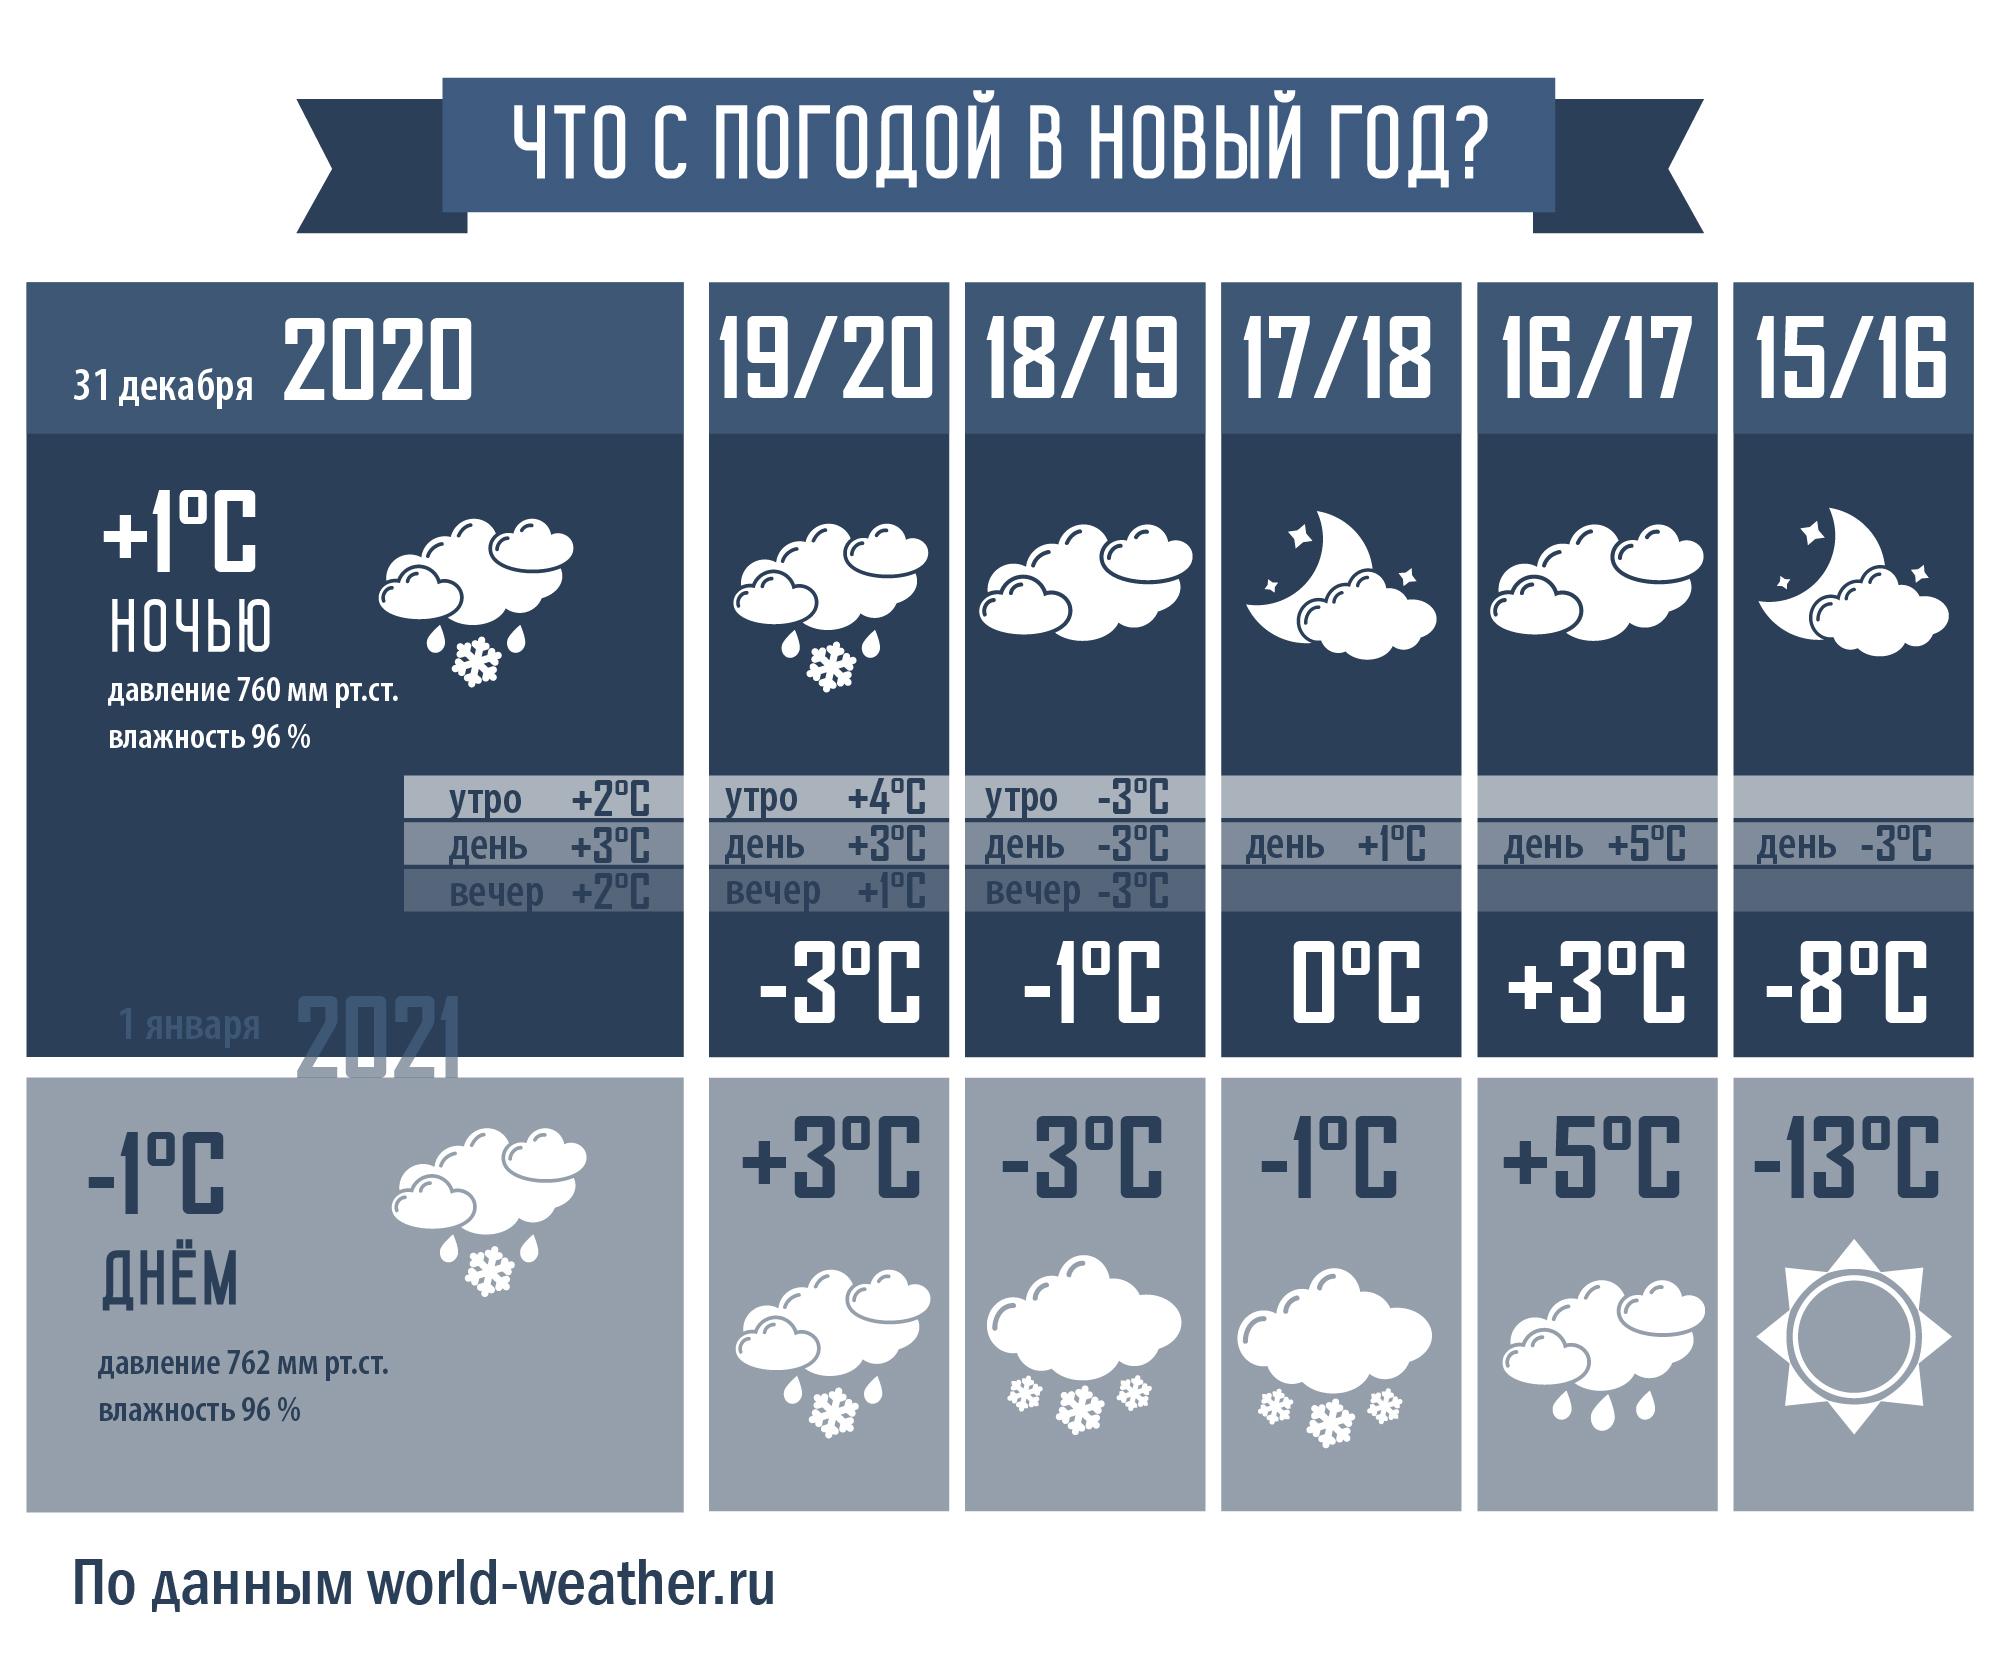 Что с погодой в ночь с 31 декабря на 1 января 2020/2021